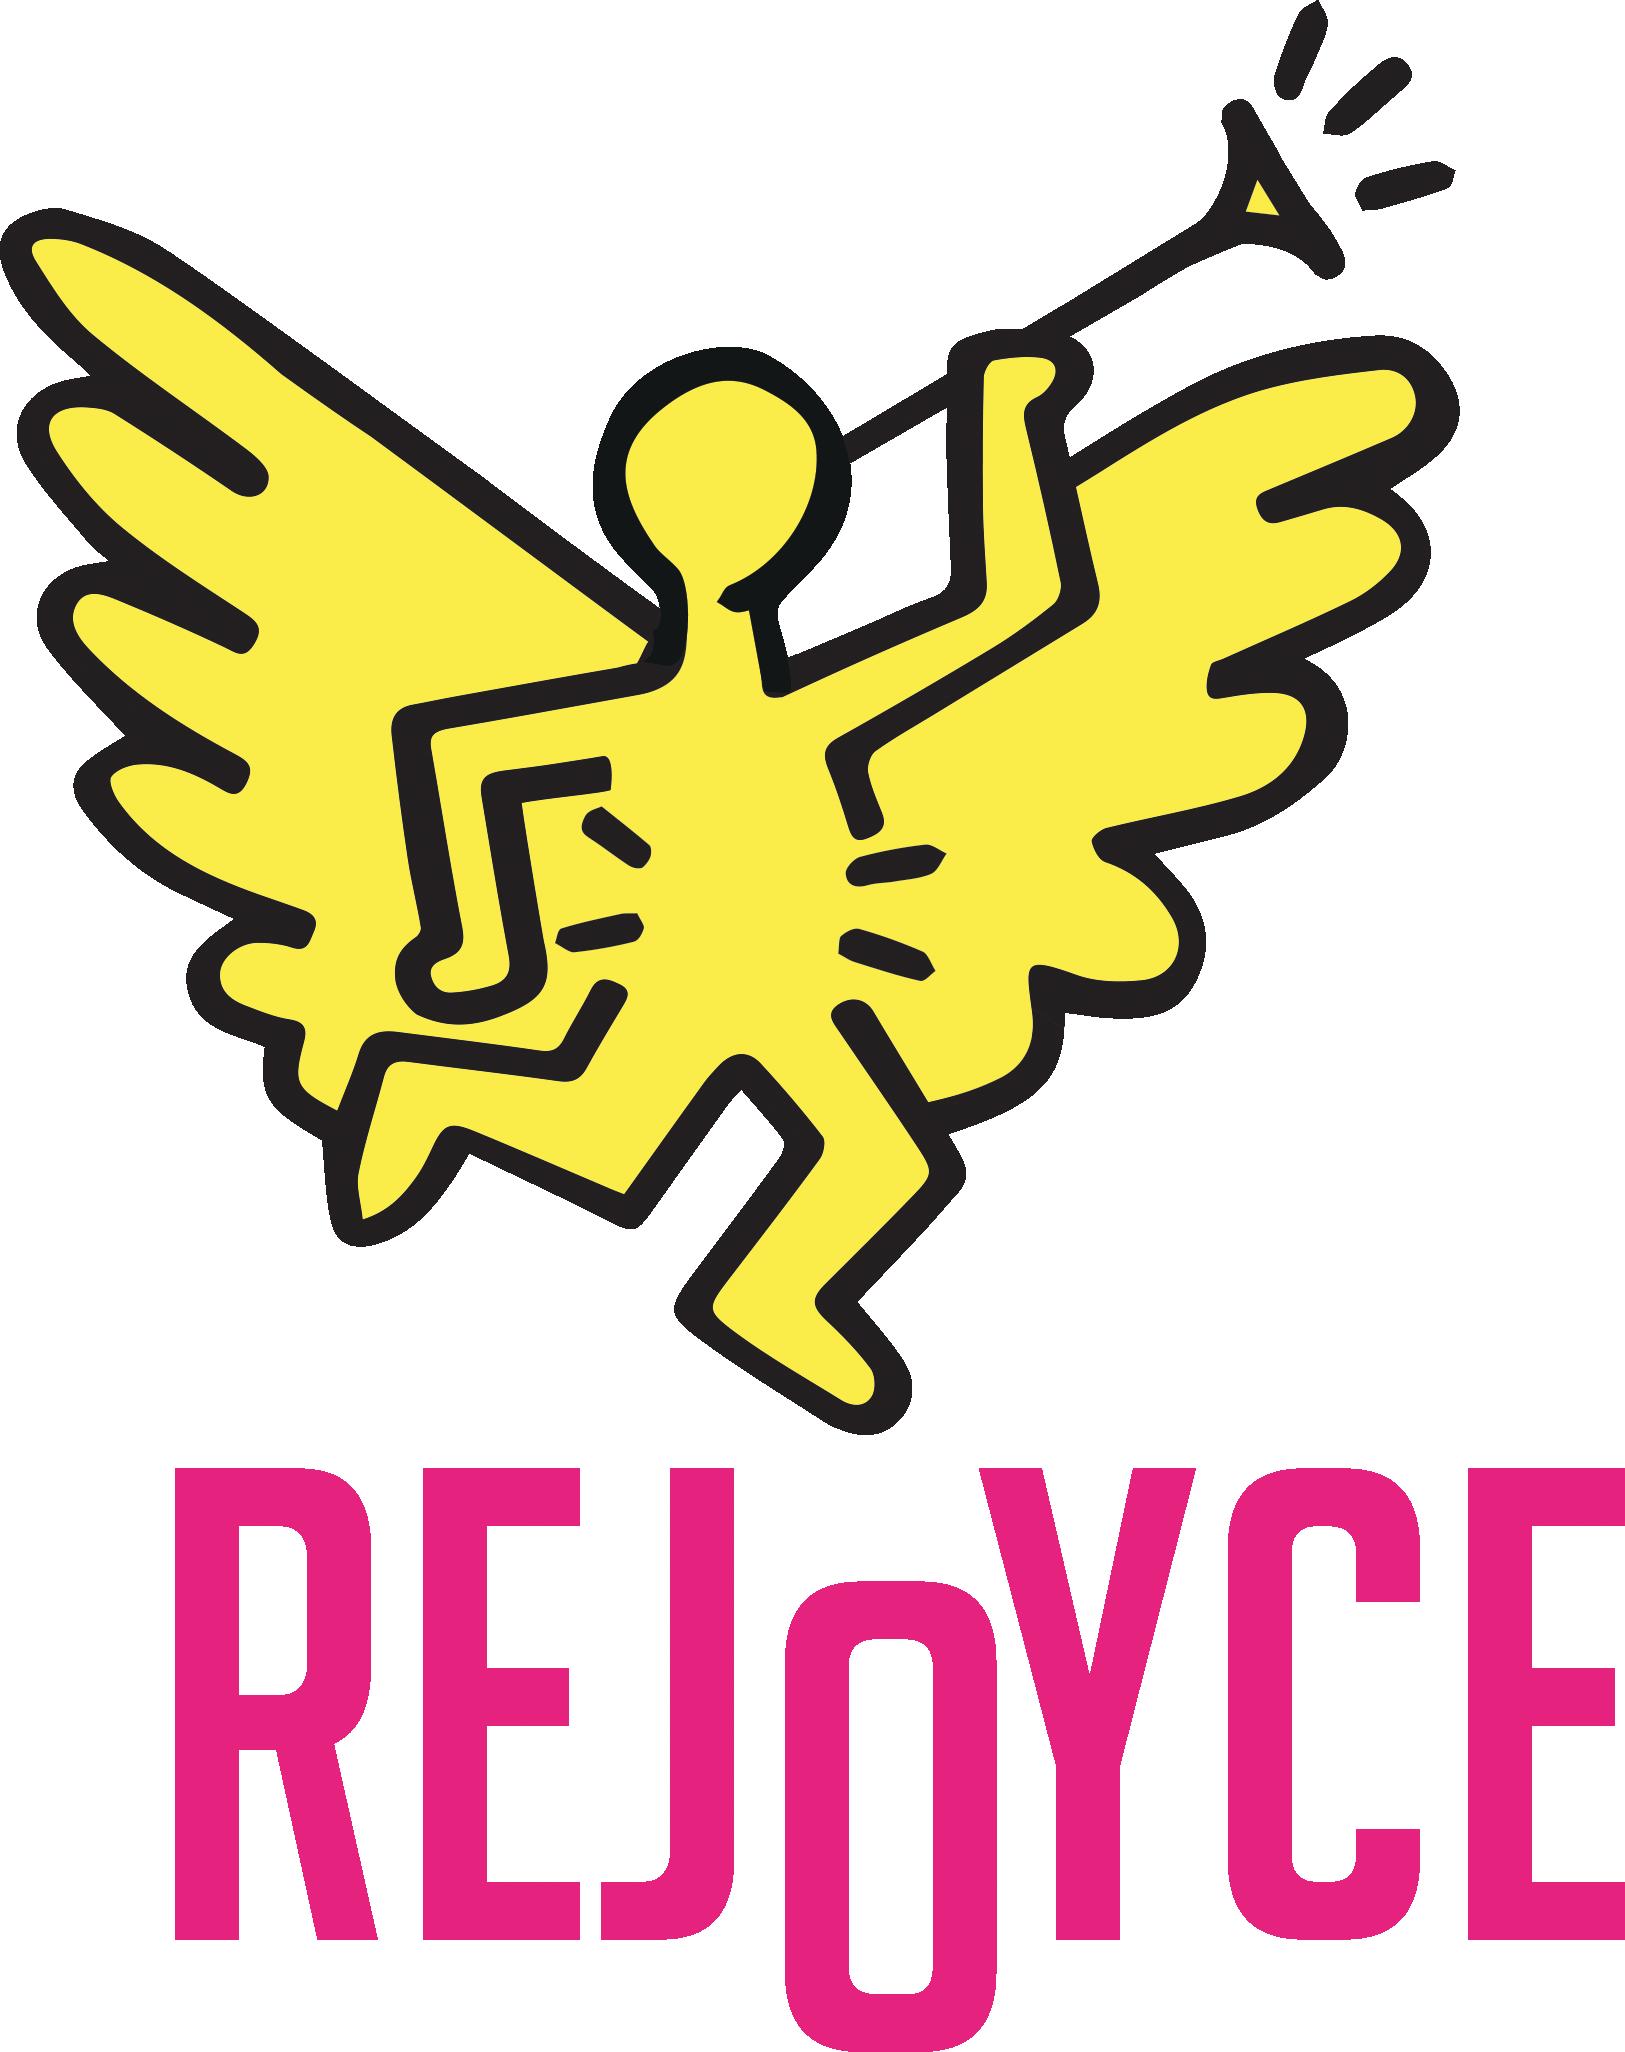 Regoyce